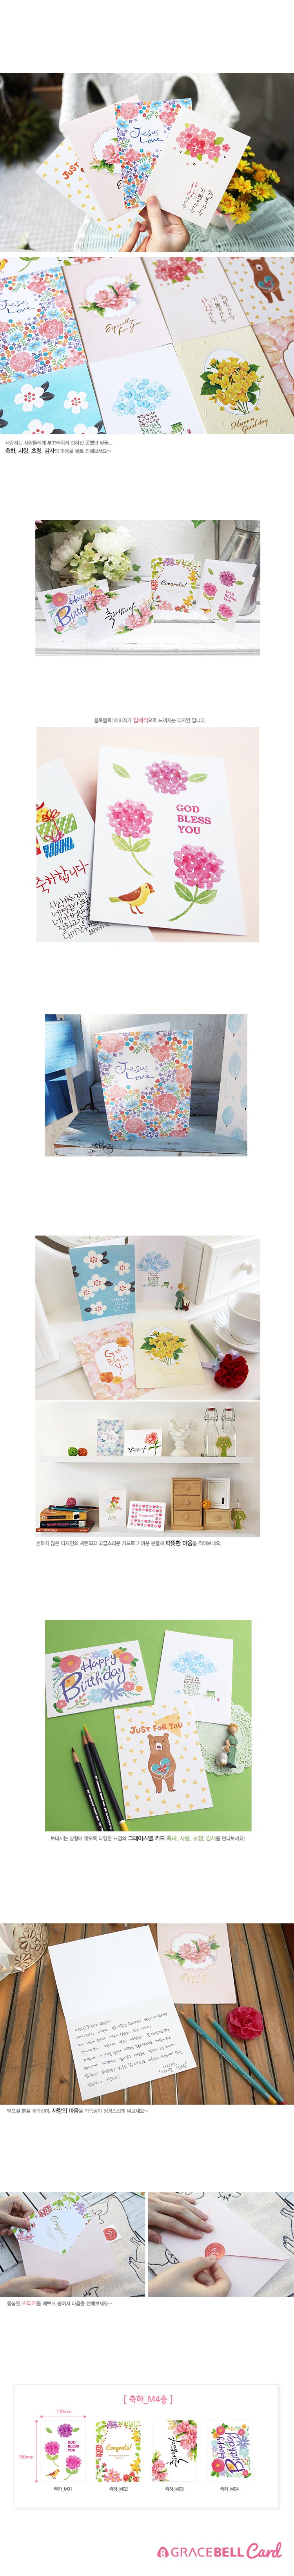 그레이스벨 카드 축하_8TYPE - 그레이스벨, 1,200원, 카드, 축하 카드